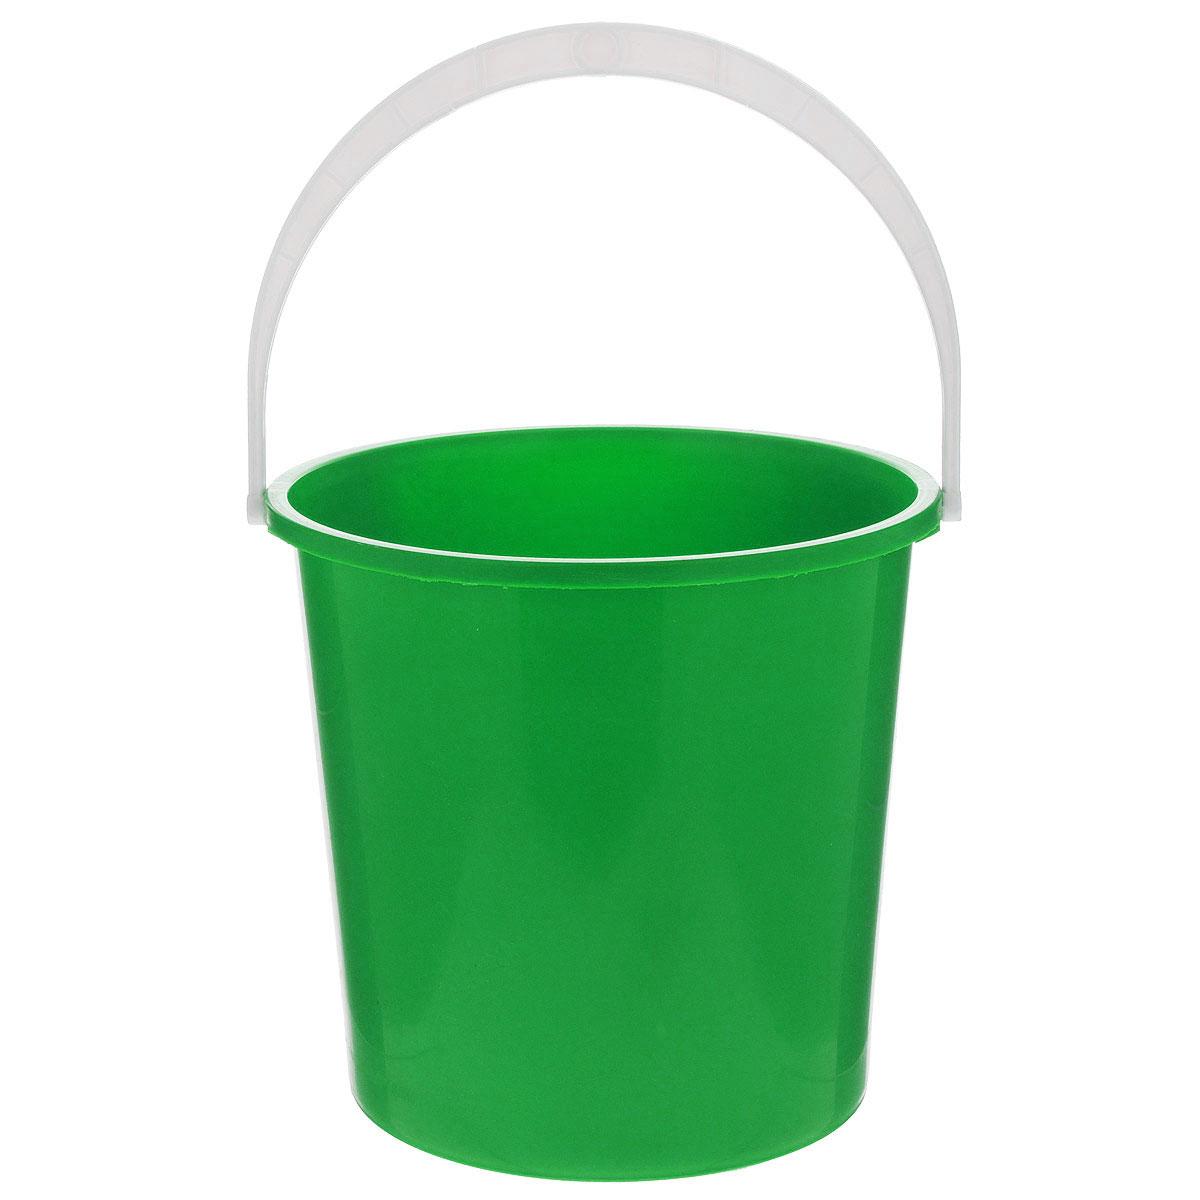 Ведро Альтернатива Крепыш, цвет: зеленый, 5 лК340_зеленыйВедро Альтернатива Крепыш изготовлено из высококачественного одноцветногопластика. Оно легче железного и не подвержено коррозии.Ведро оснащено удобной пластиковой ручкой. Такое ведро станет незаменимымпомощником в хозяйстве.Диаметр (по верхнему краю): 22 см. Высота: 20,5 см.